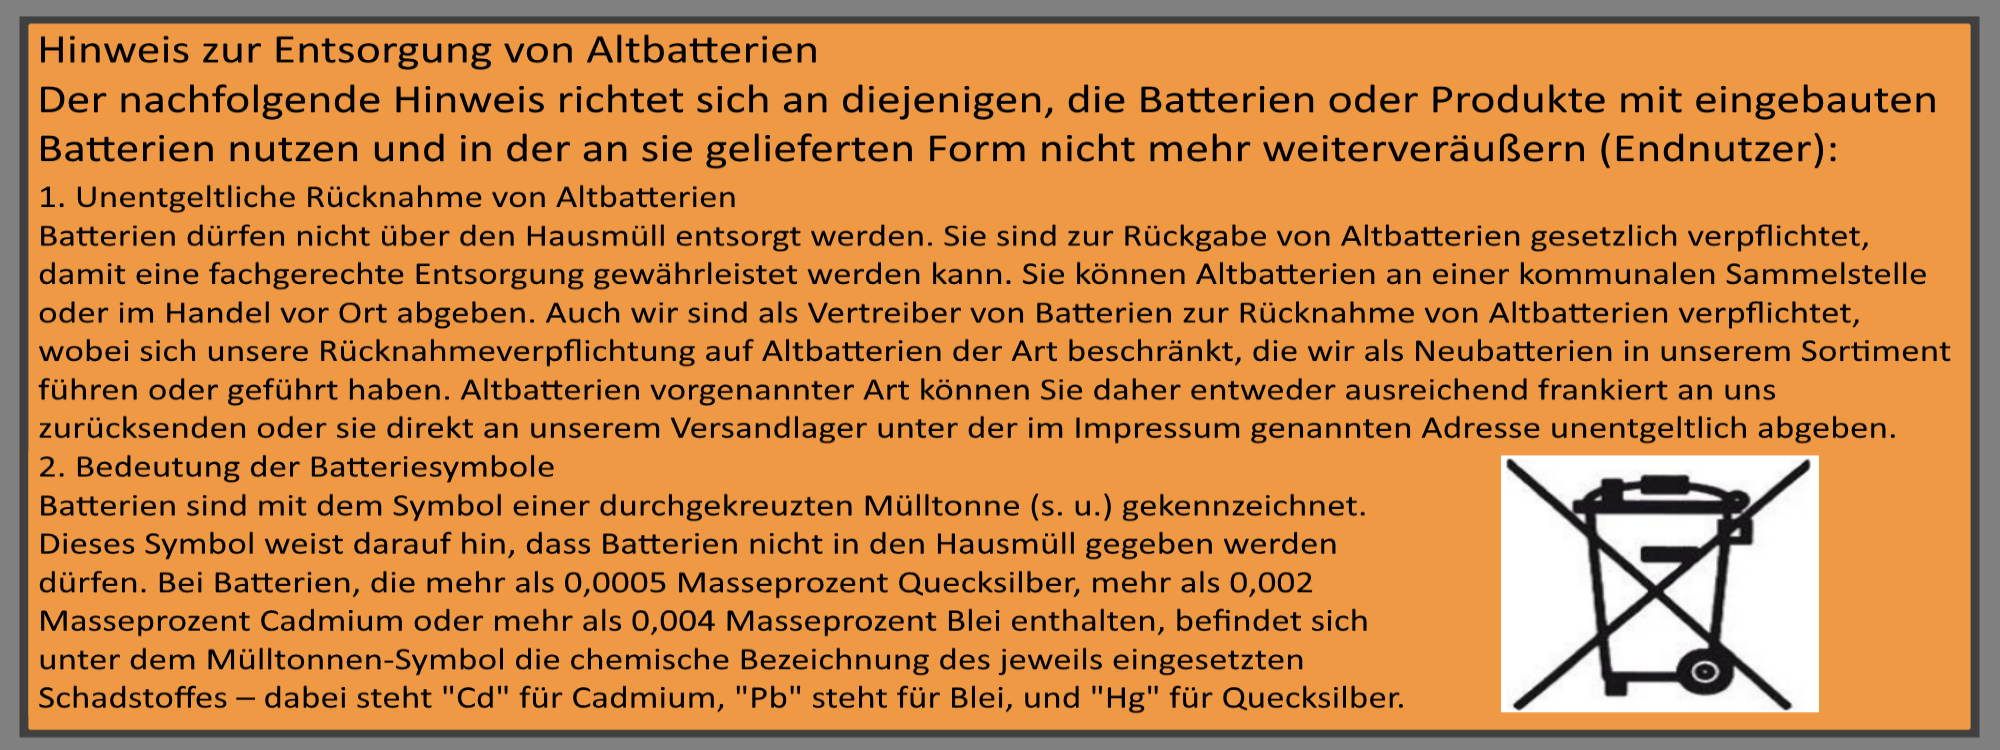 Informationen zur Entsorgung von Altbatterien sowie von Elektro- und Elektronik(alt)geräten